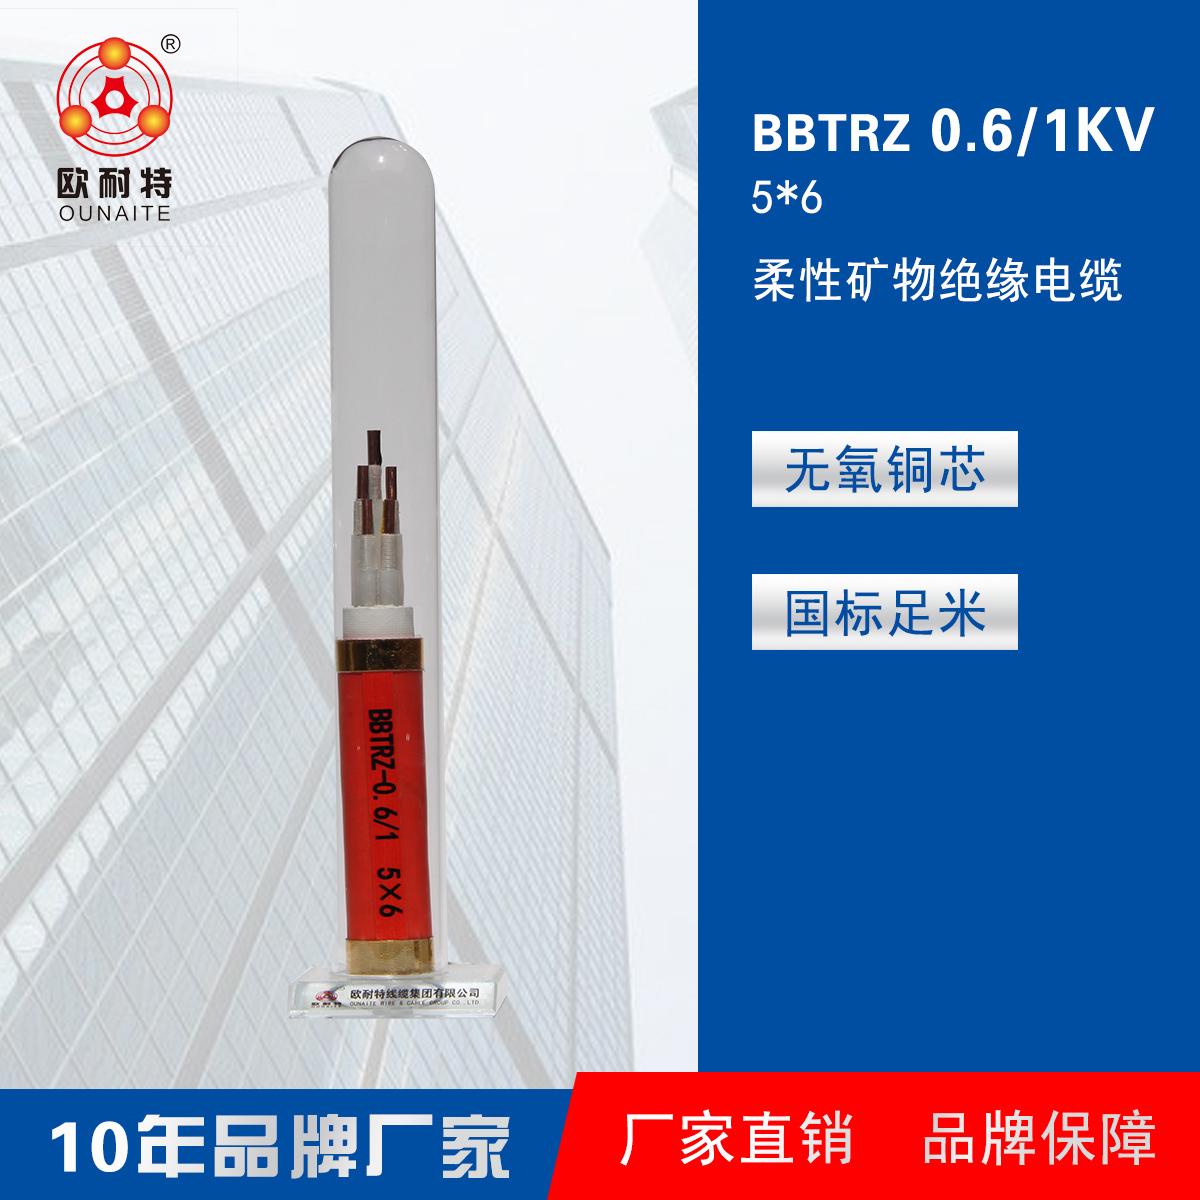 矿物绝缘电缆BBTRZ 0.6/1KV 5*6